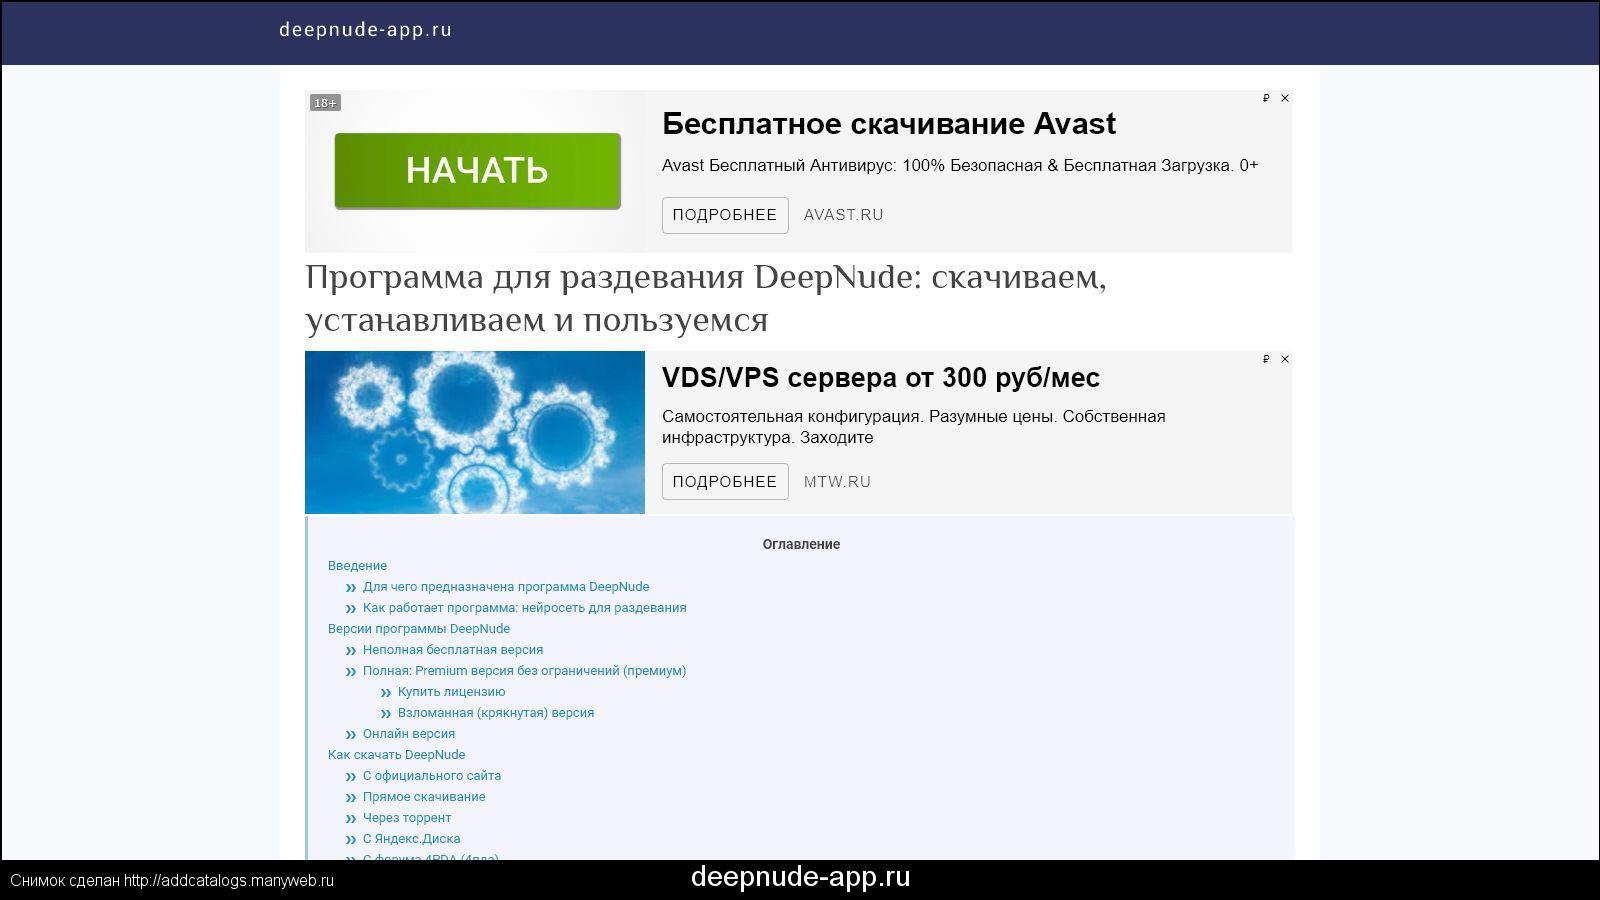 Приложение deepnude - рассказываем как её скачать, как установить и как пользоваться программой для раздевания.